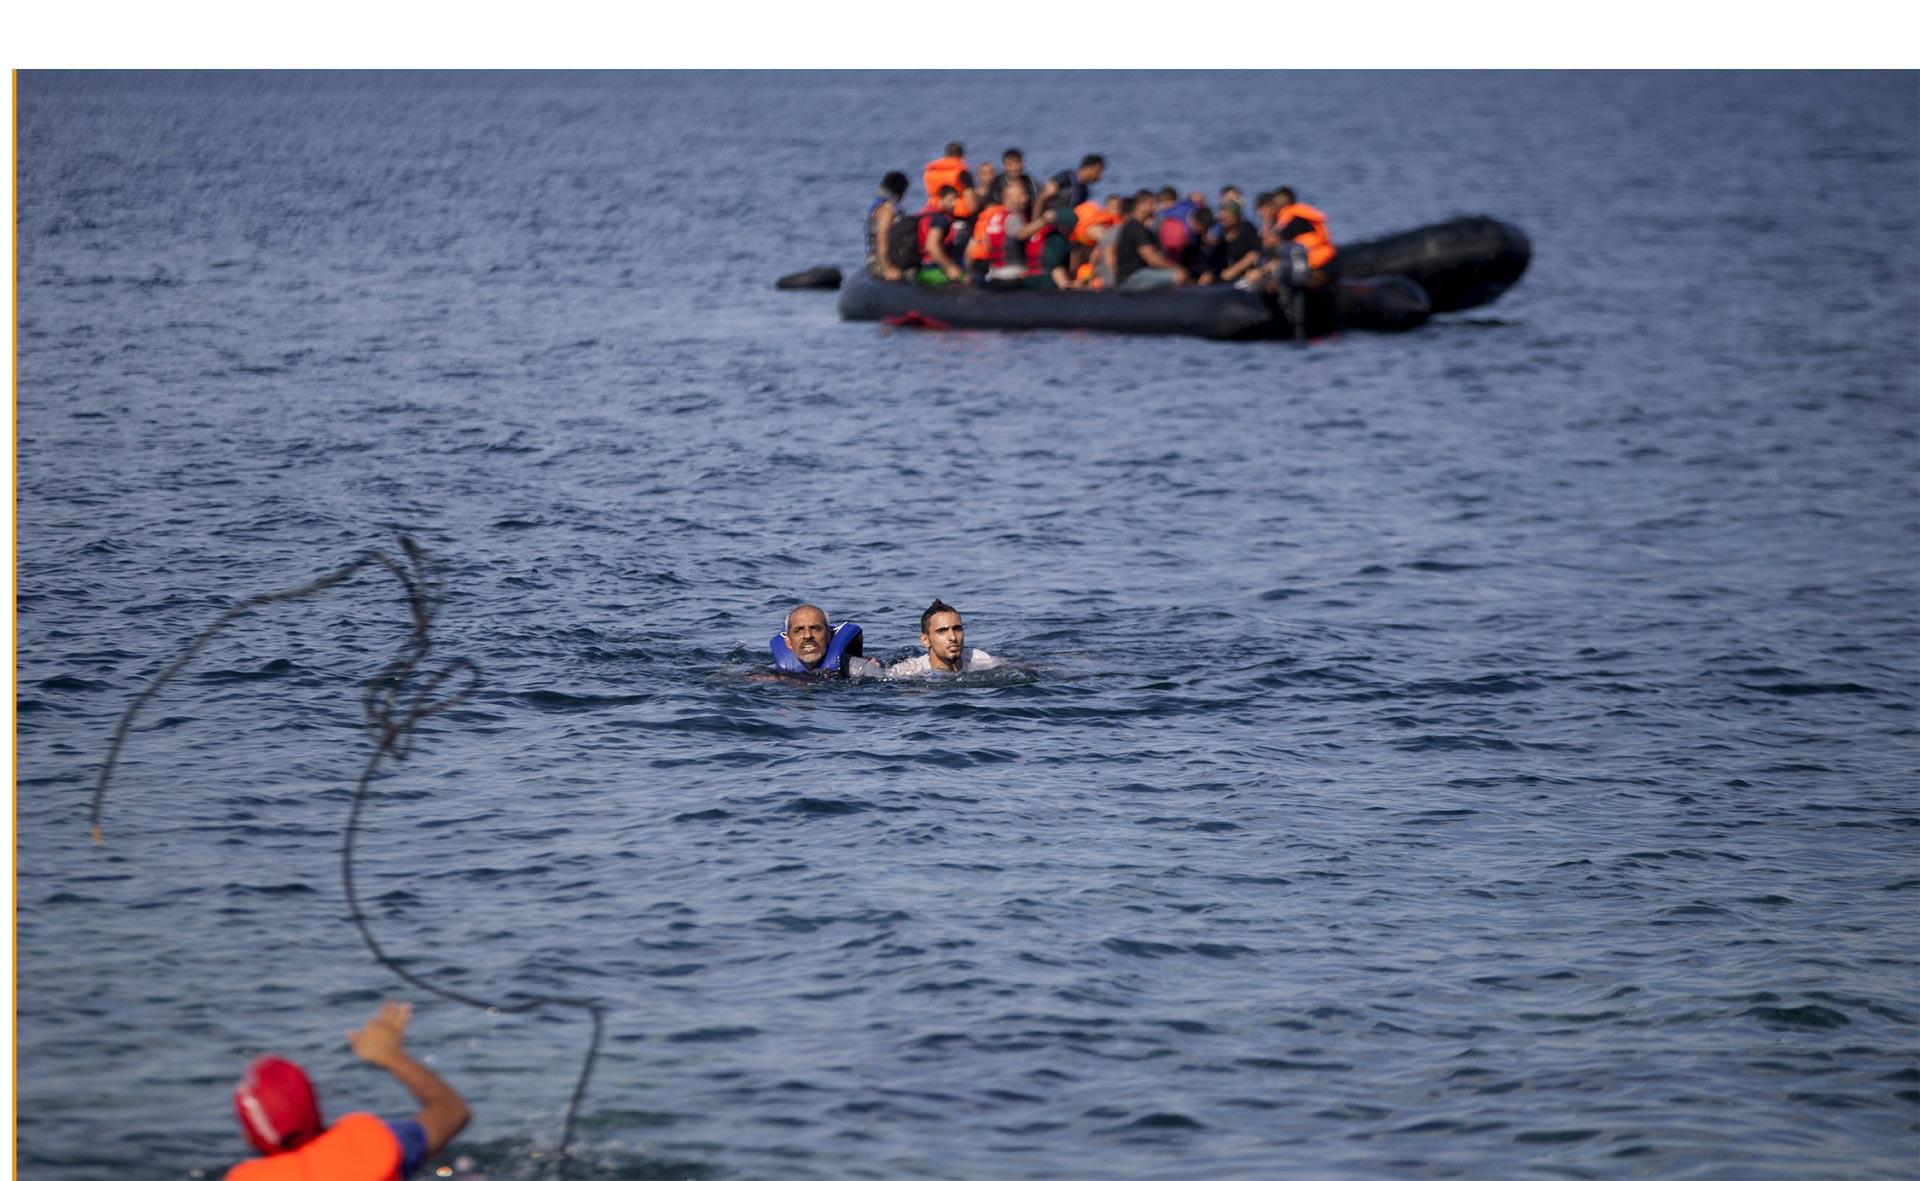 La comunidad internacional se mantiene solidaria con las personas que huyen de la guerra y la violencia